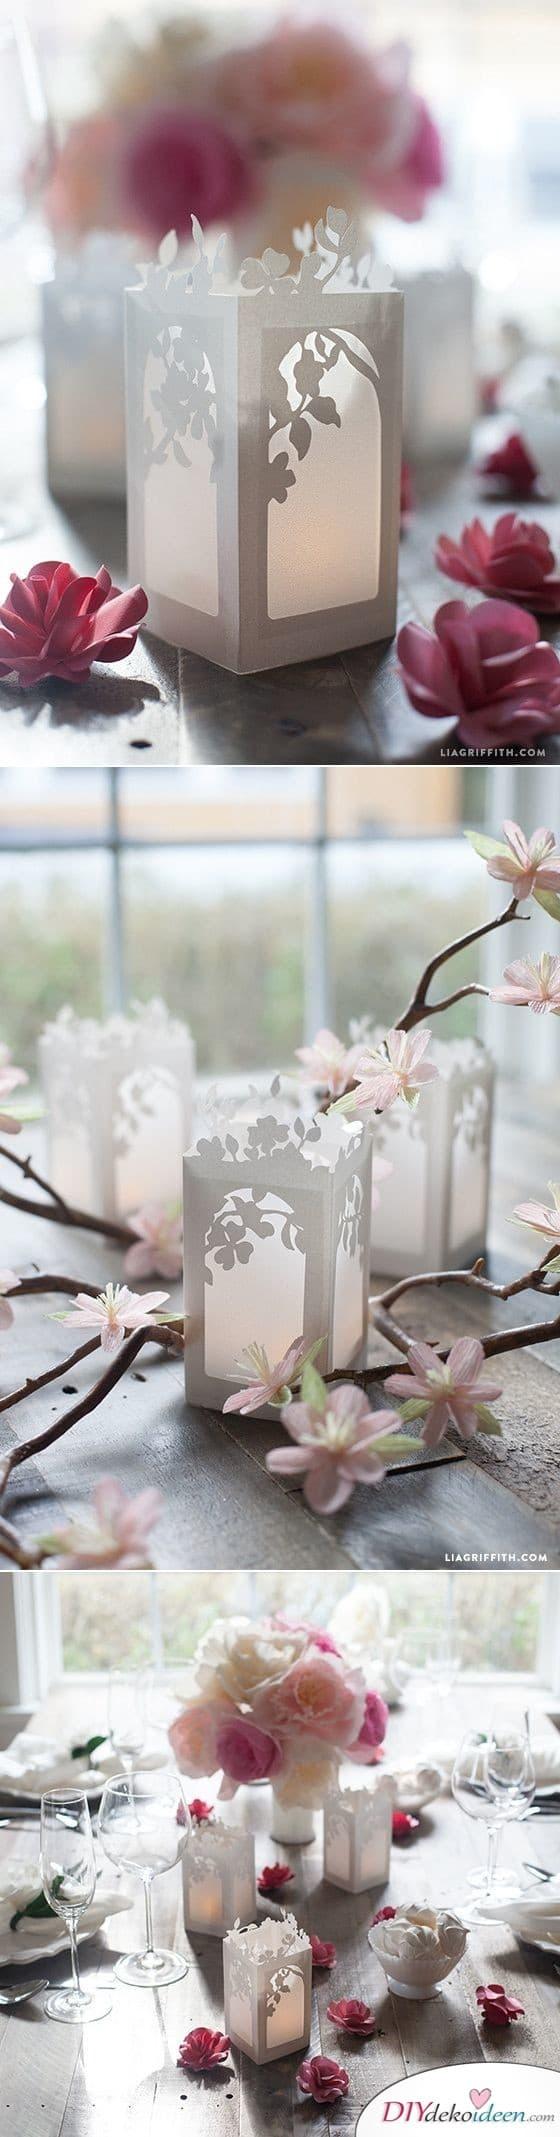 Blühende Papierlaternen – wunderschöne Laternen